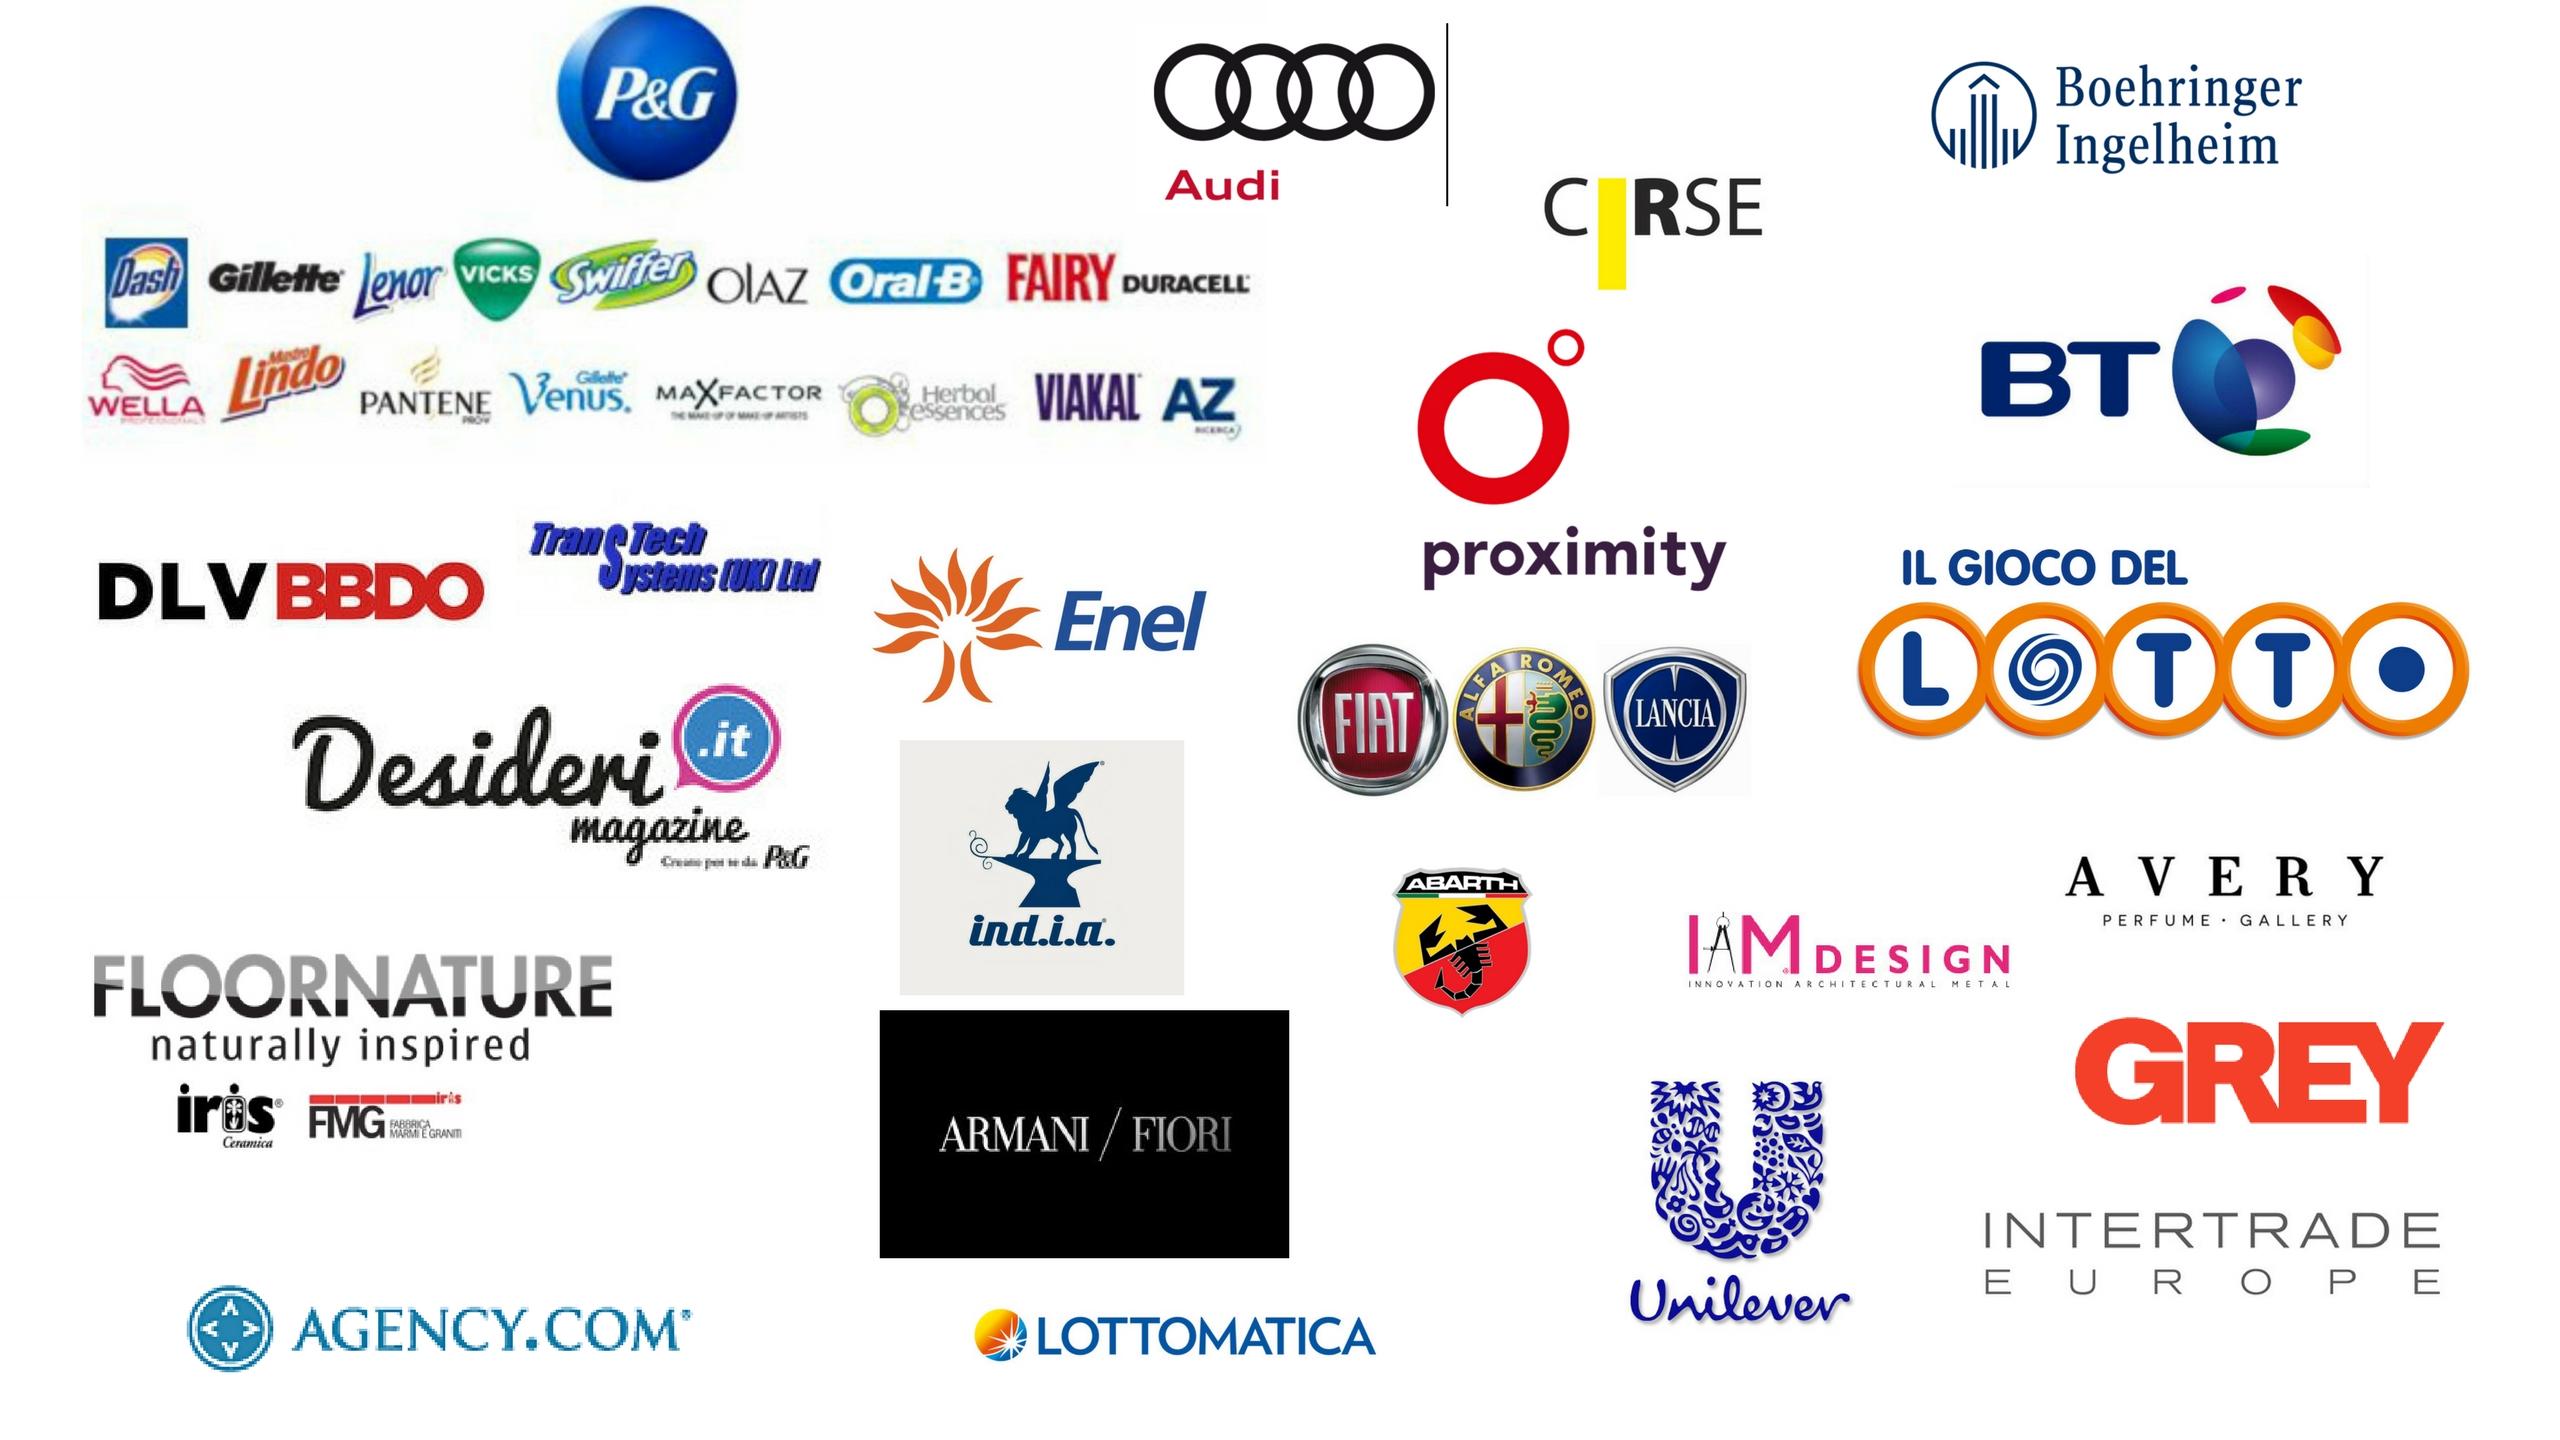 Organizzazioni clienti di Sandra Farisano